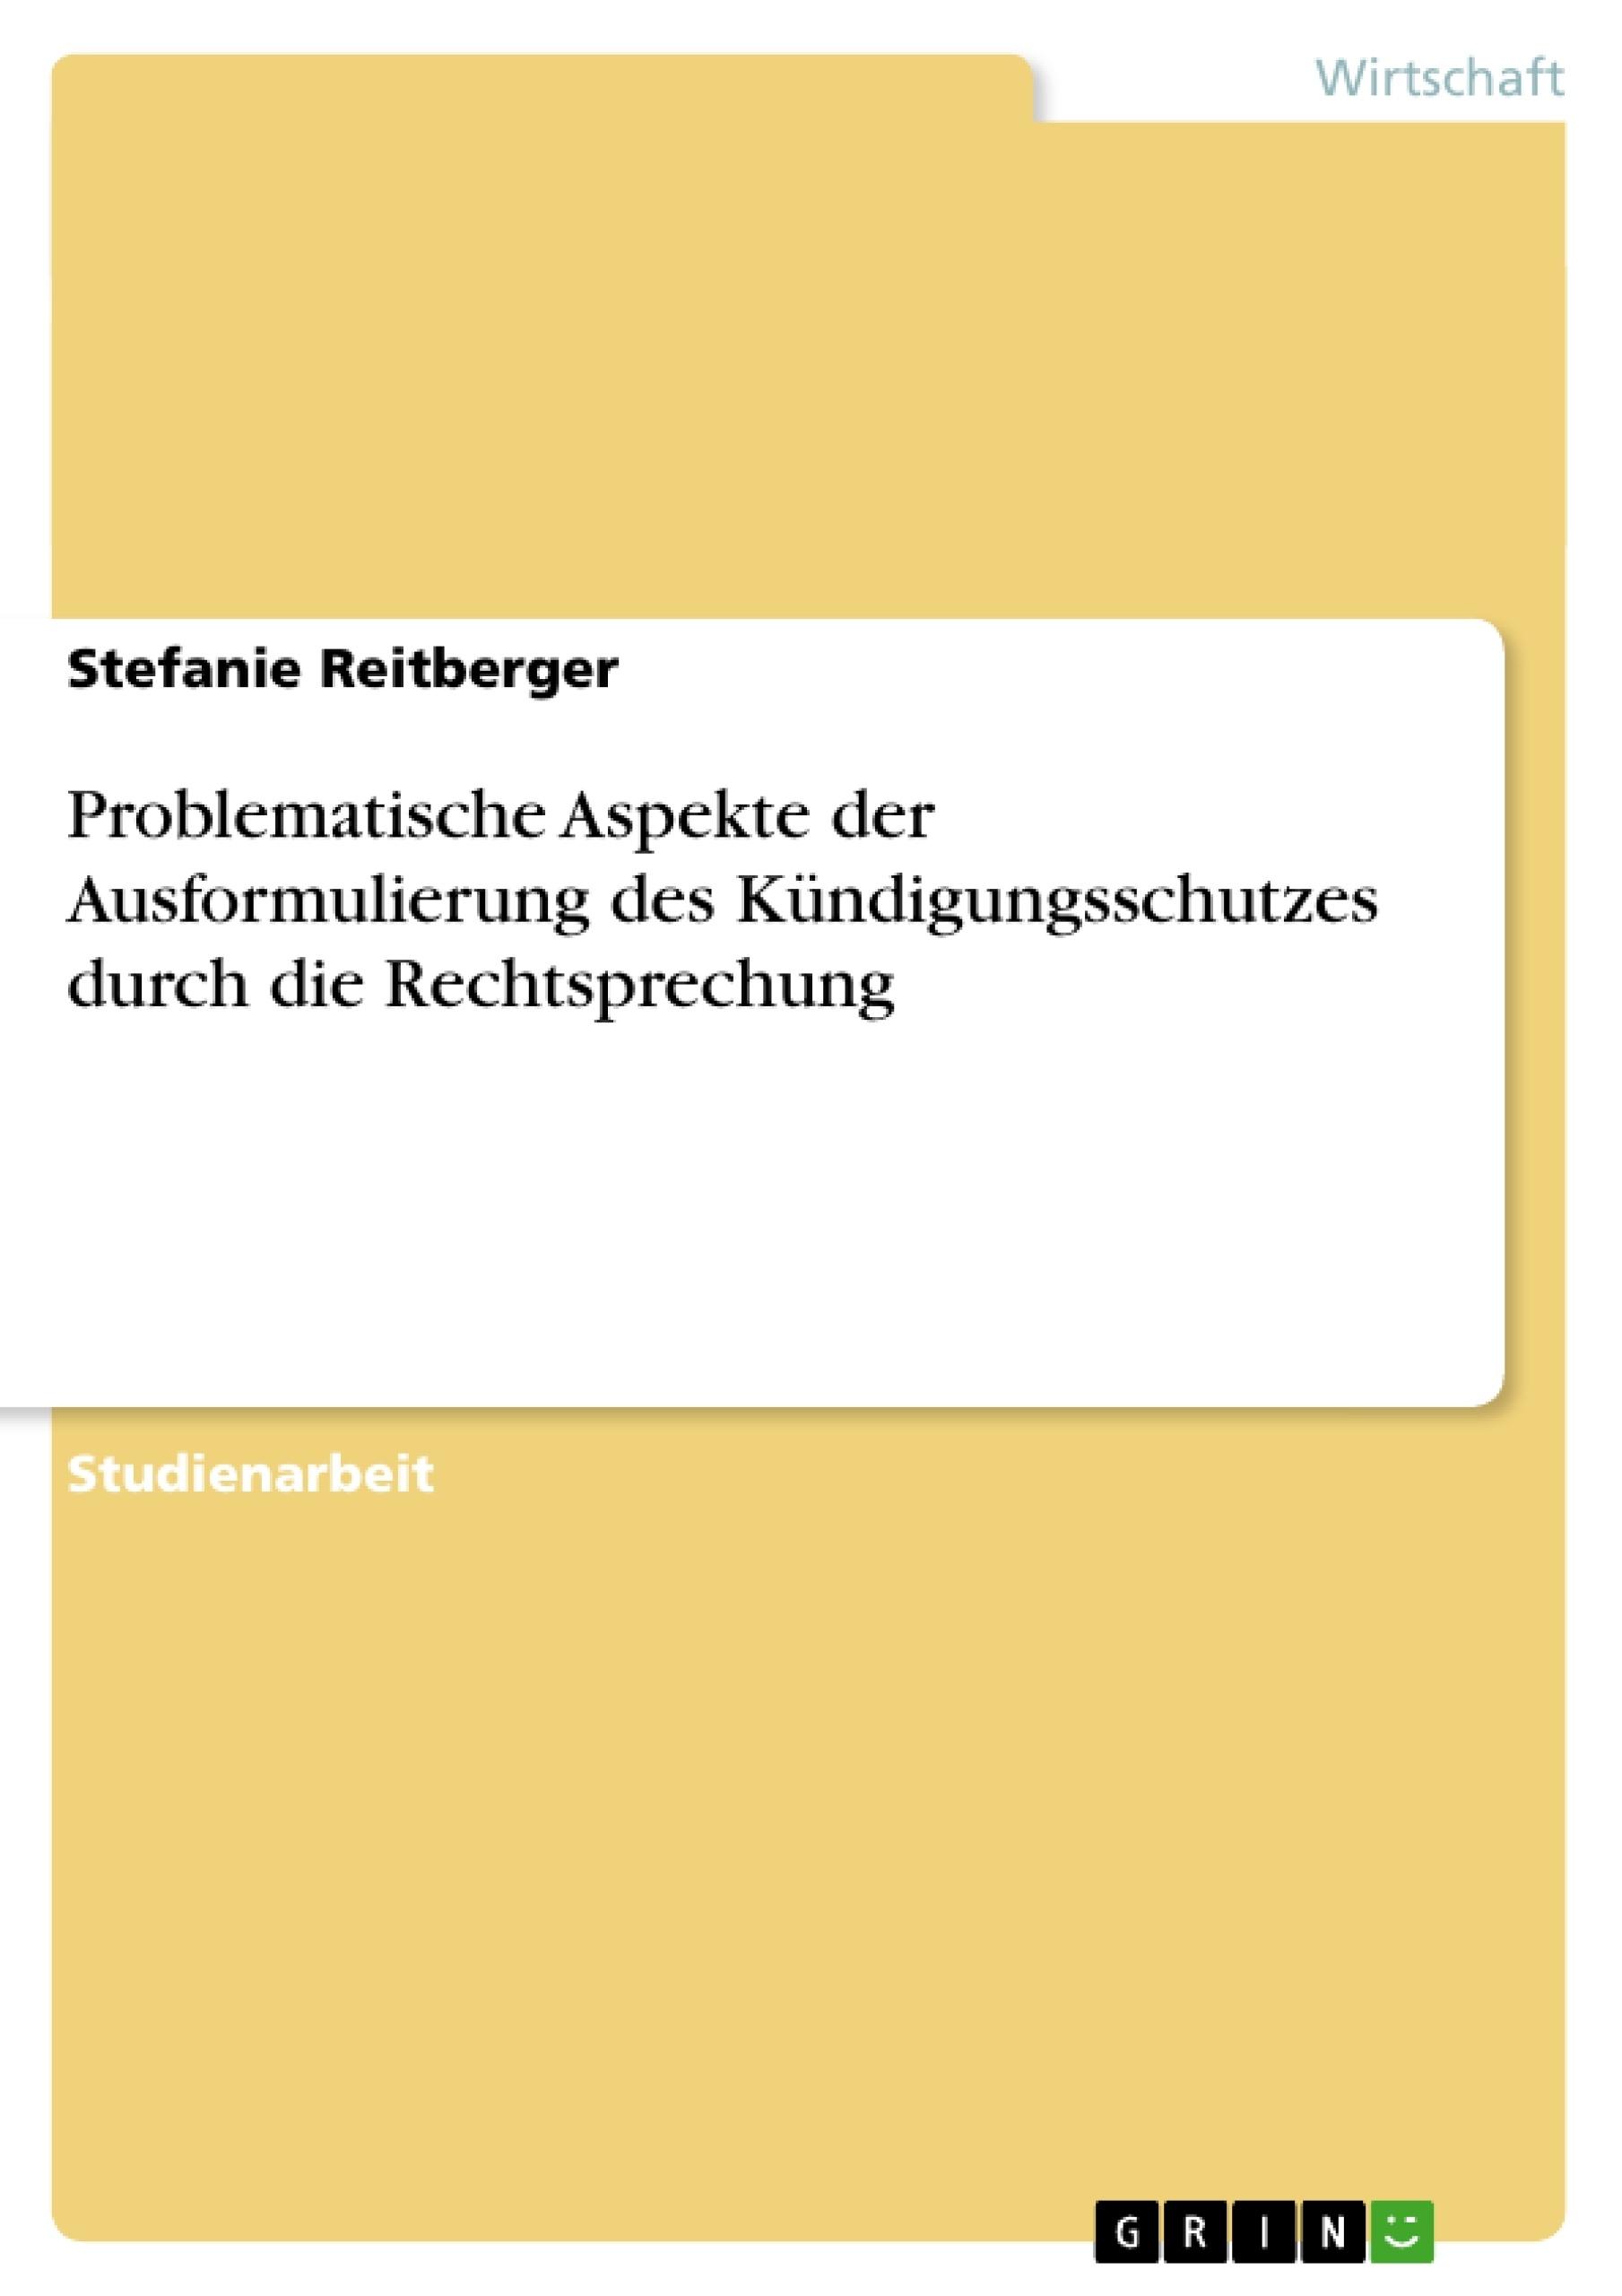 Titel: Problematische Aspekte der Ausformulierung des Kündigungsschutzes durch die Rechtsprechung